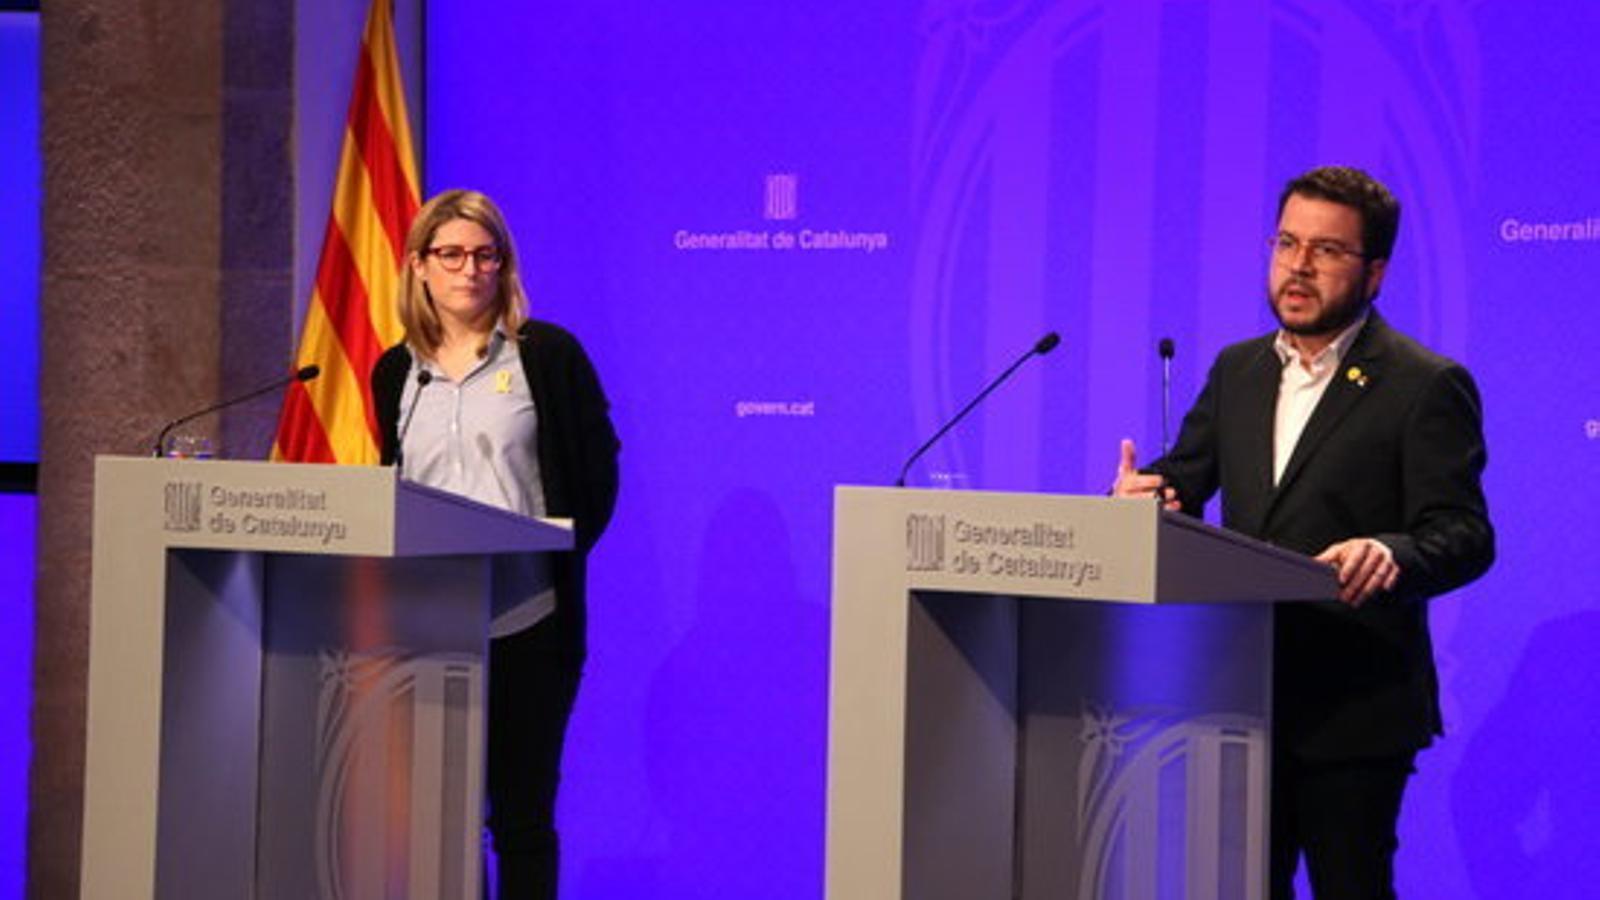 Compareixença conjunta de vicepresident del Govern, Pere Aragonès, i la consellera de la Presidència i portaveu, Elsa Artadi